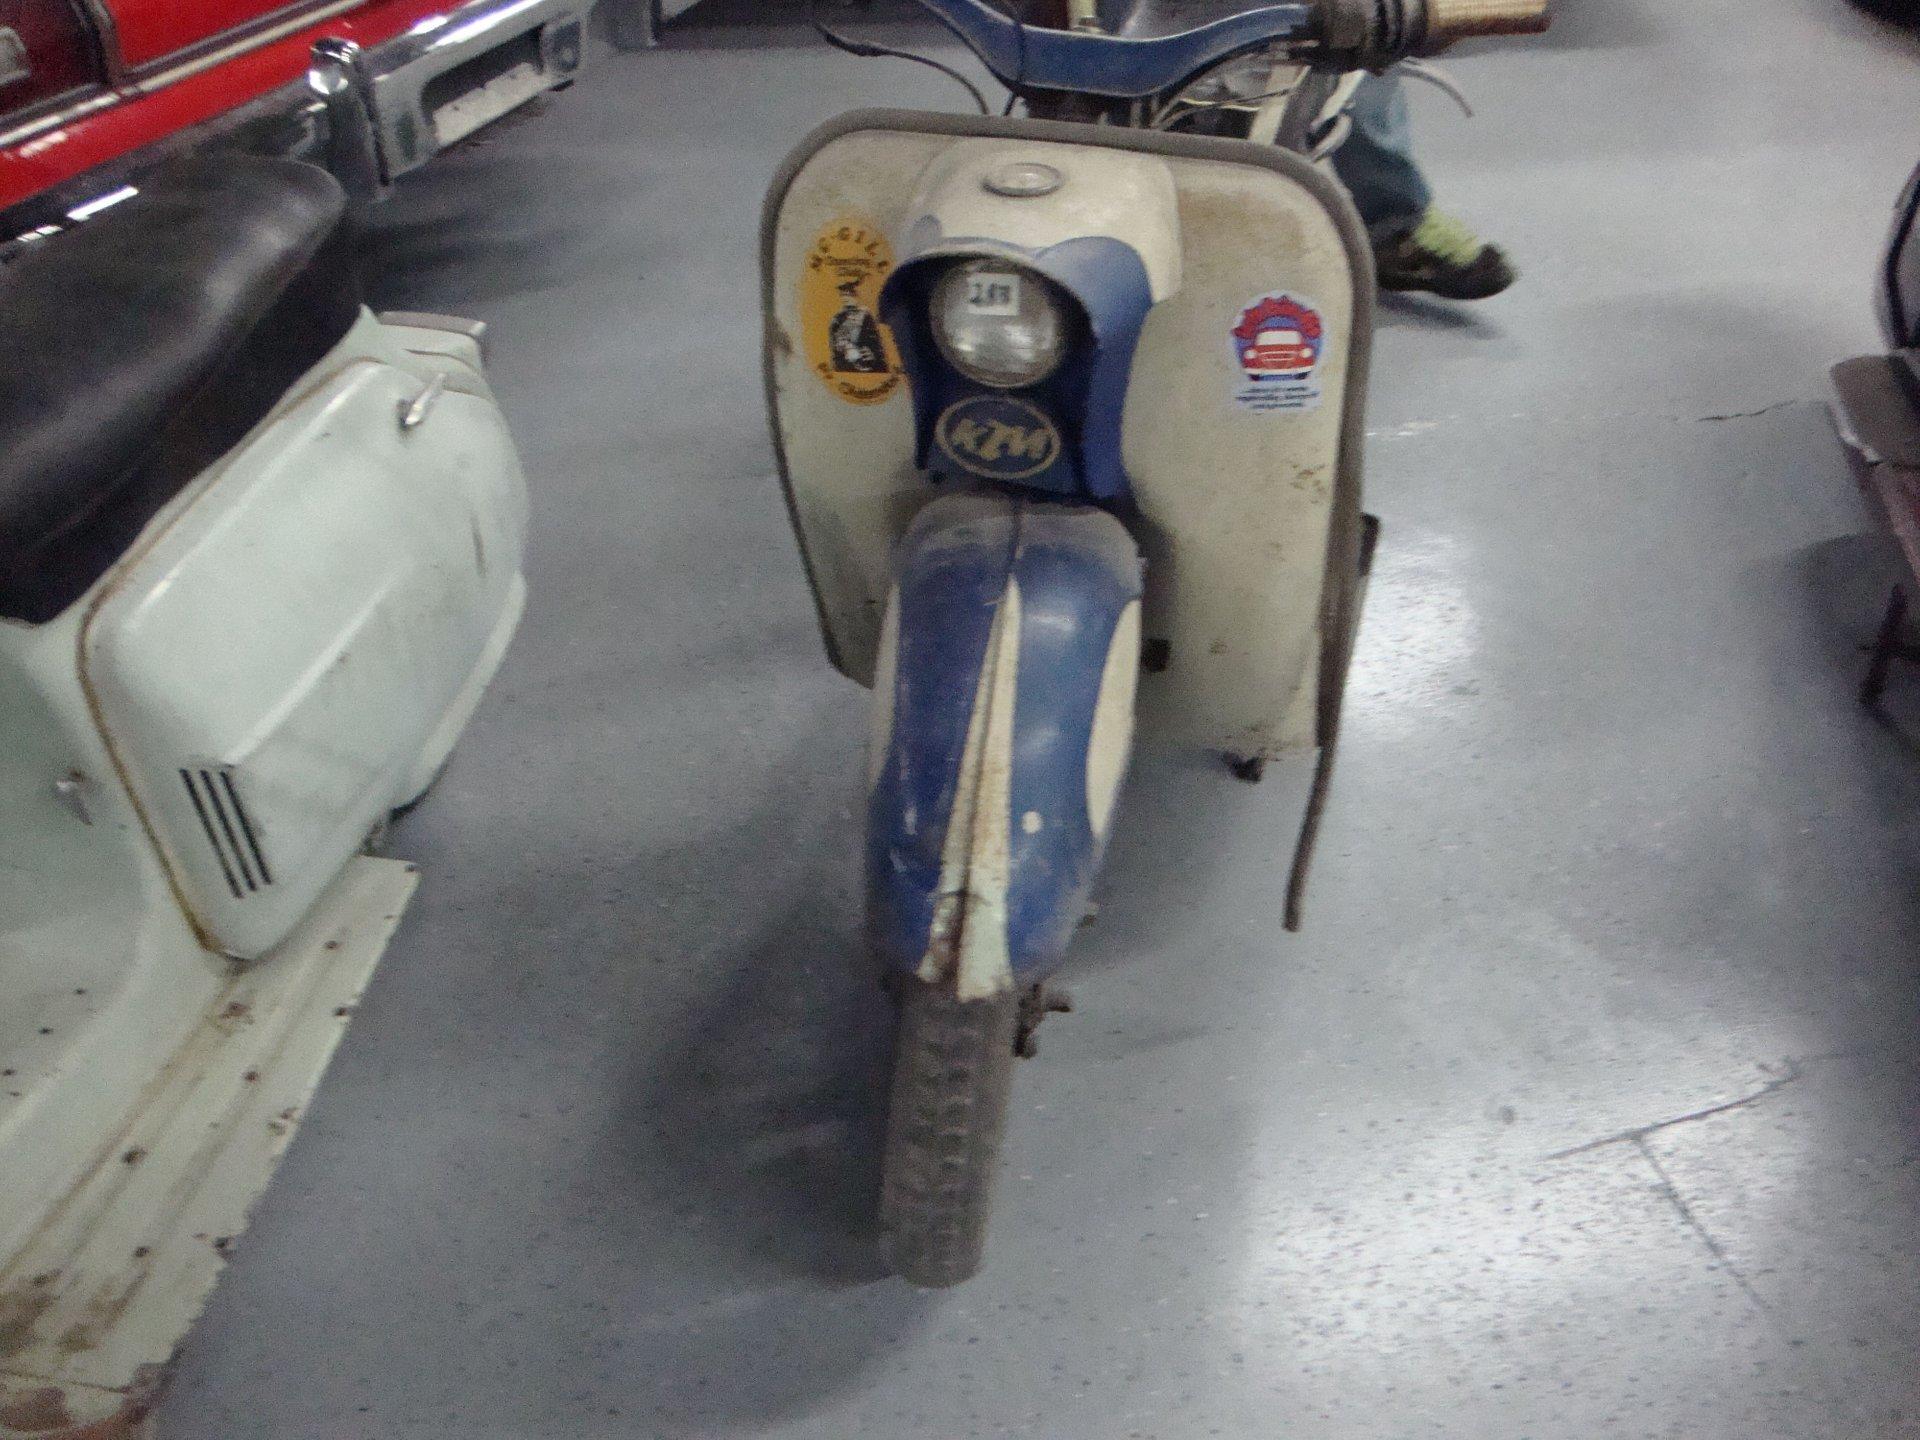 1962 ktm gritzner vintage scooter